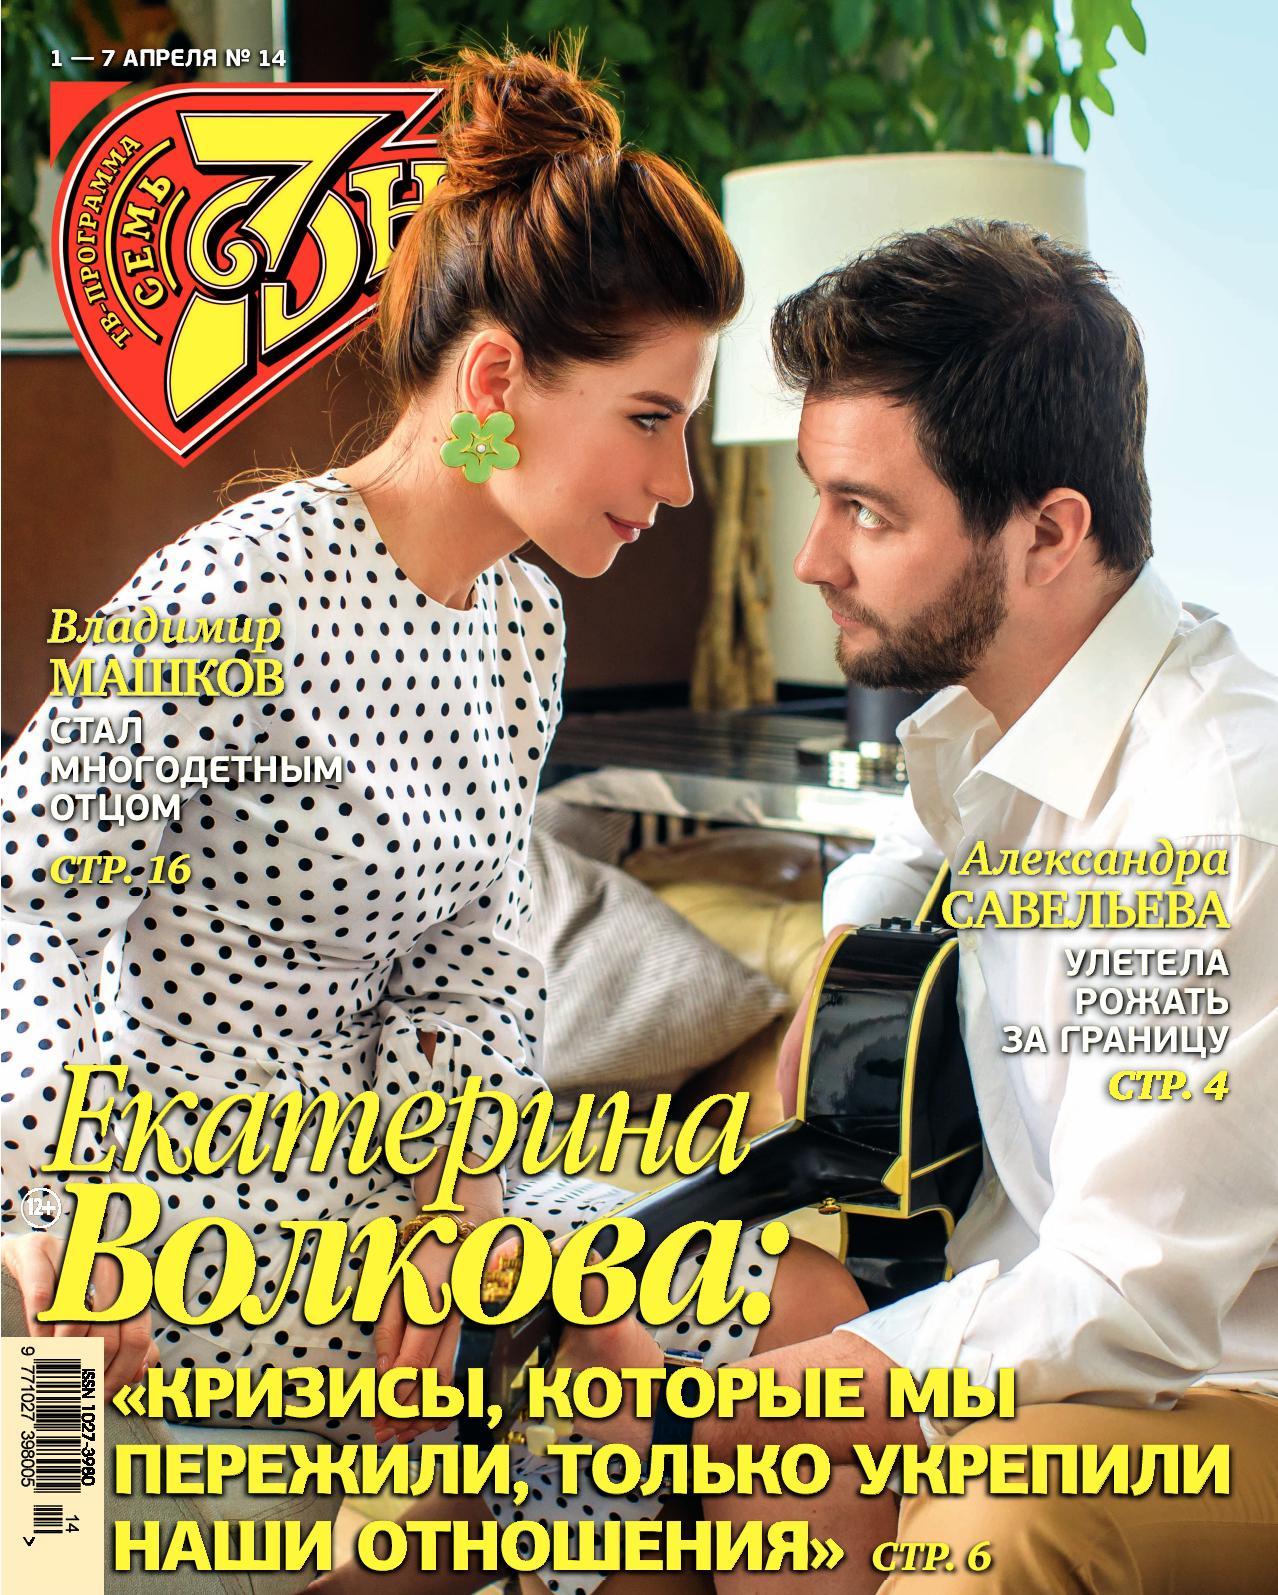 Обнаженная Дина Корзун В Телепередаче «Снято»